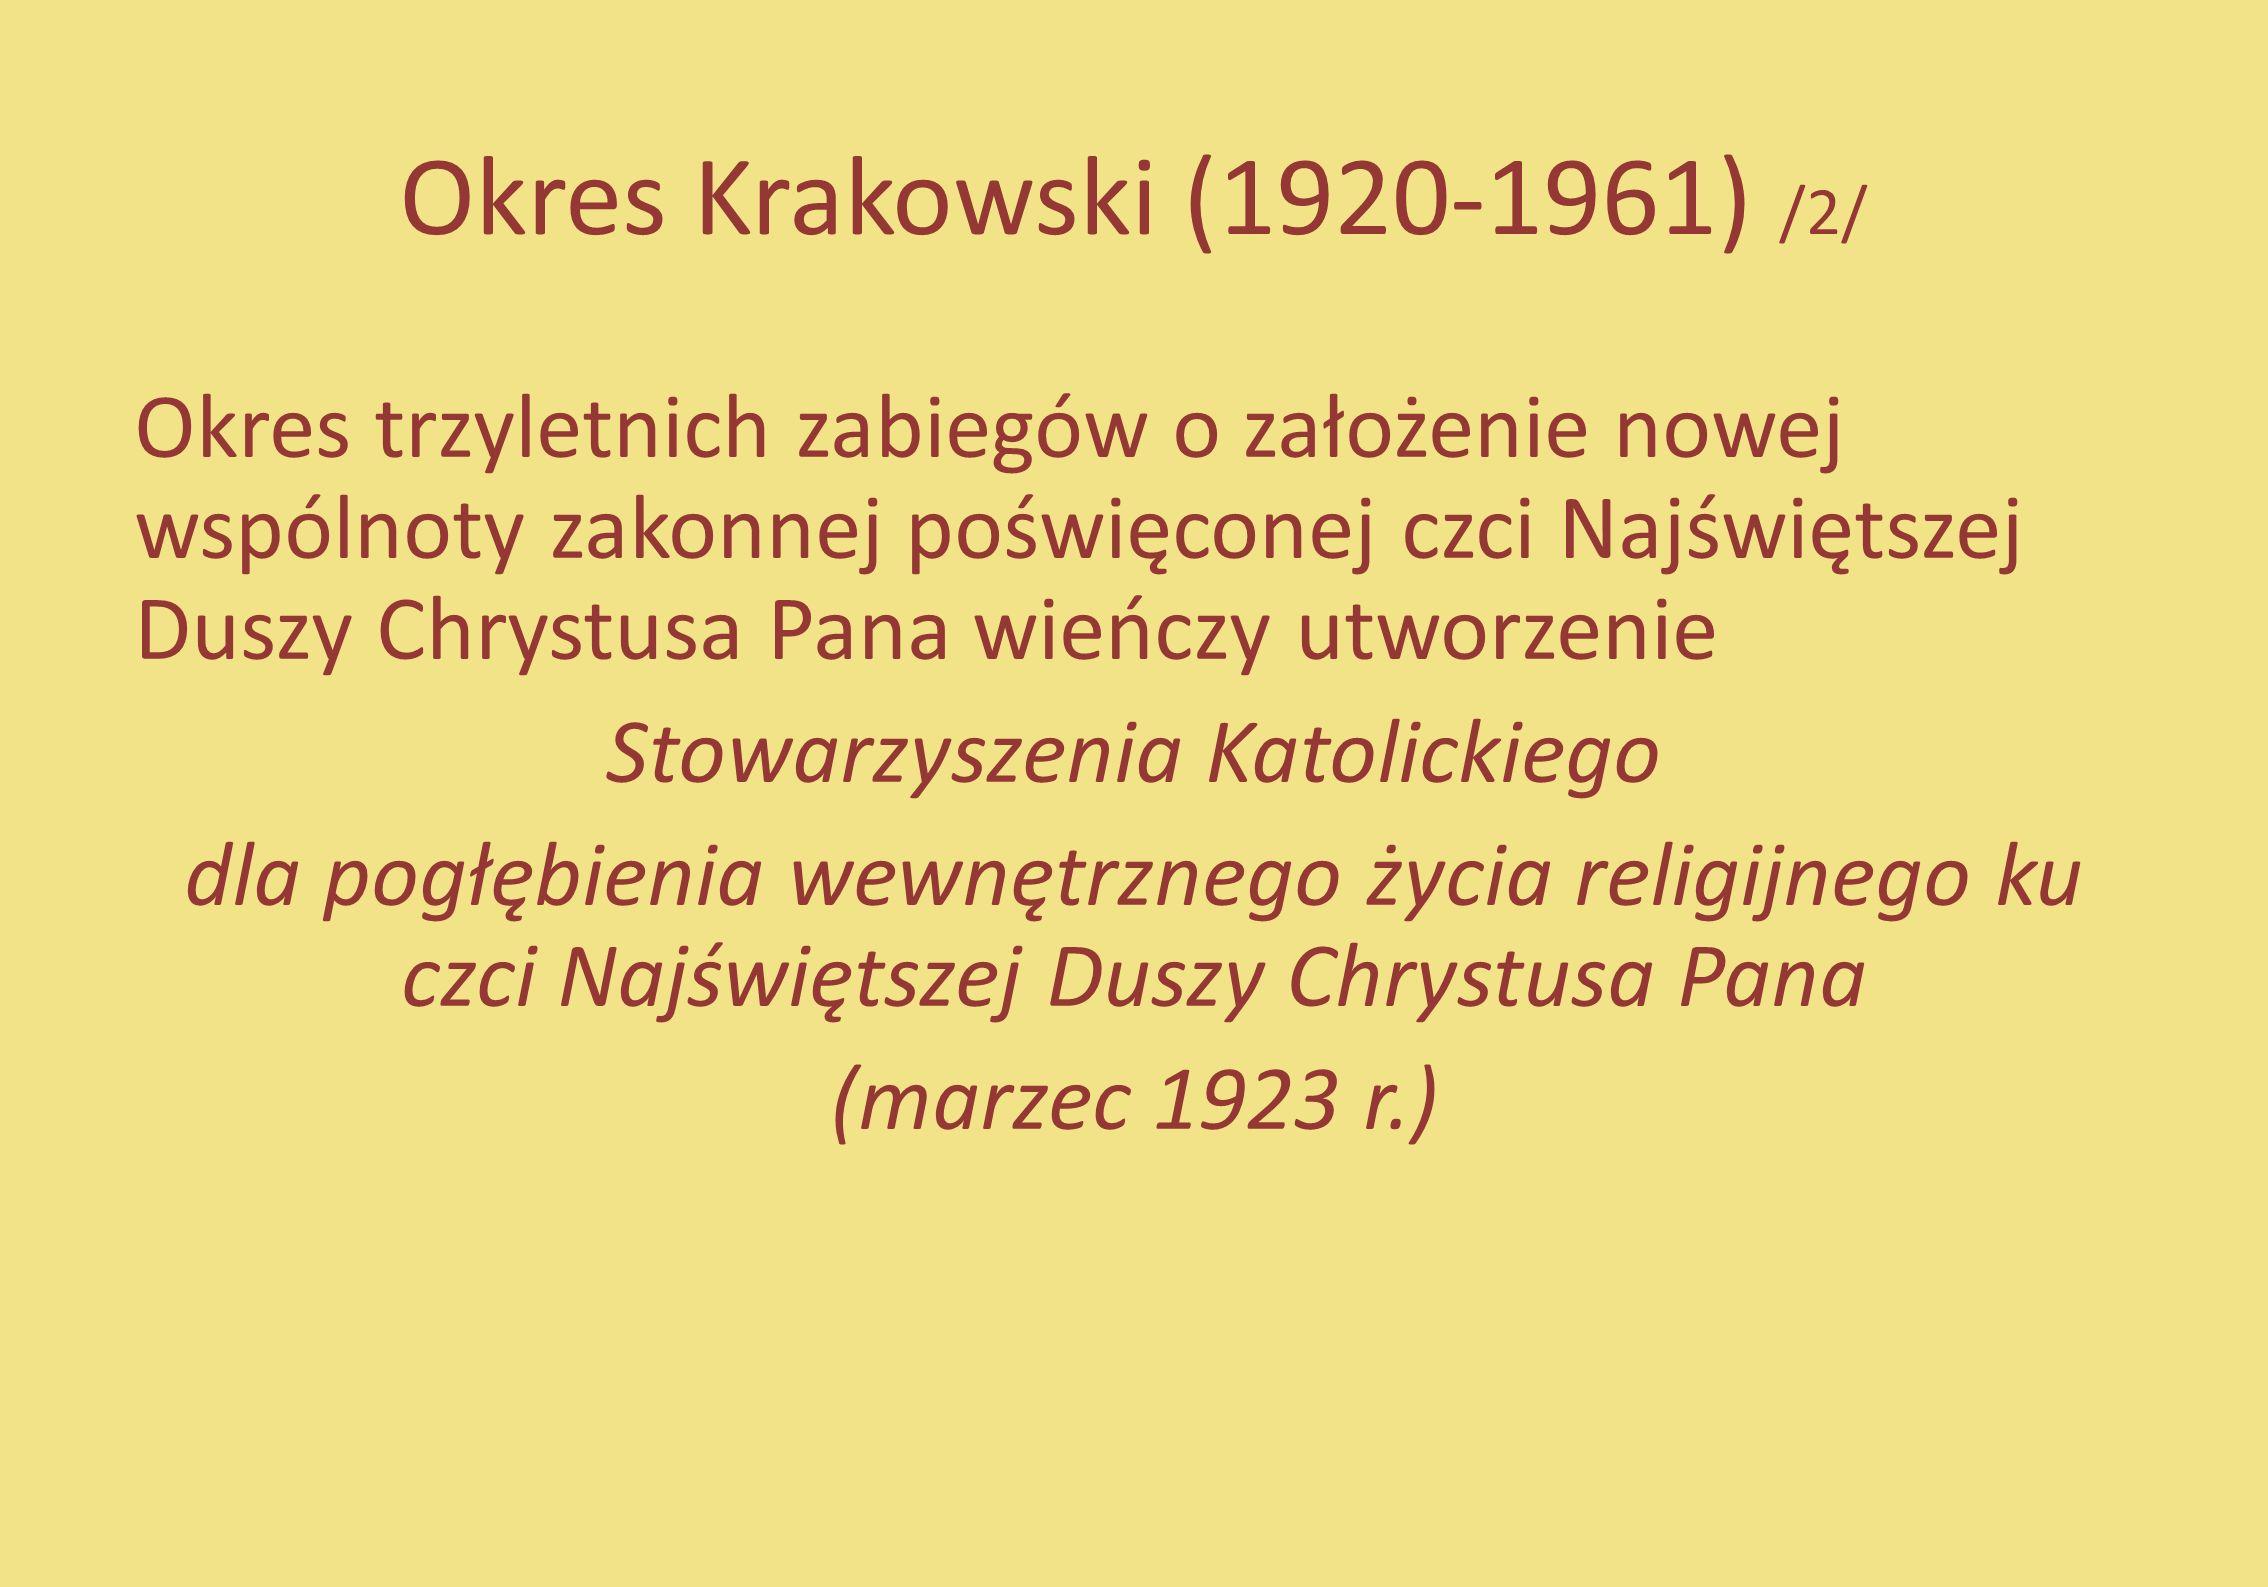 Okres Krakowski (1920-1961) /2/ Okres trzyletnich zabiegów o założenie nowej wspólnoty zakonnej poświęconej czci Najświętszej Duszy Chrystusa Pana wie